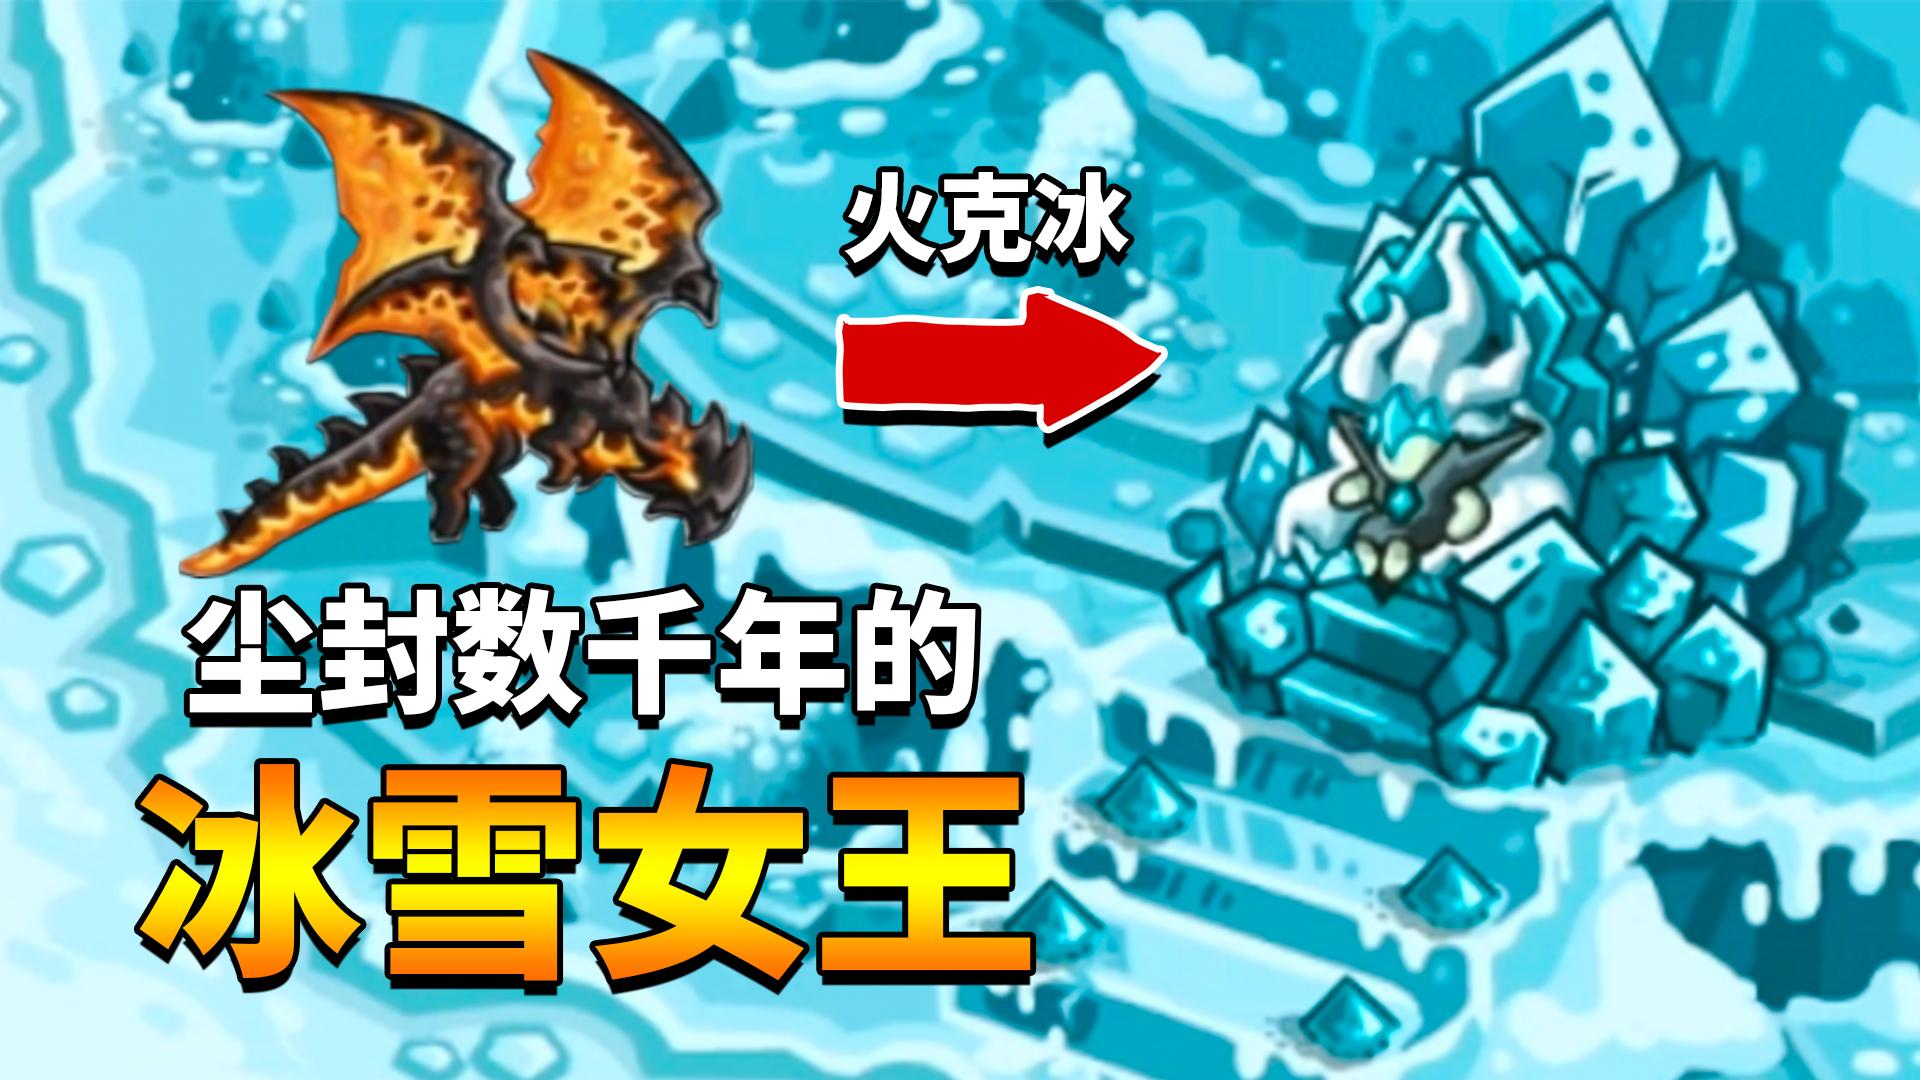 王国保卫战复仇18:尘封千年的冰雪女王,熔岩龙完美克制!